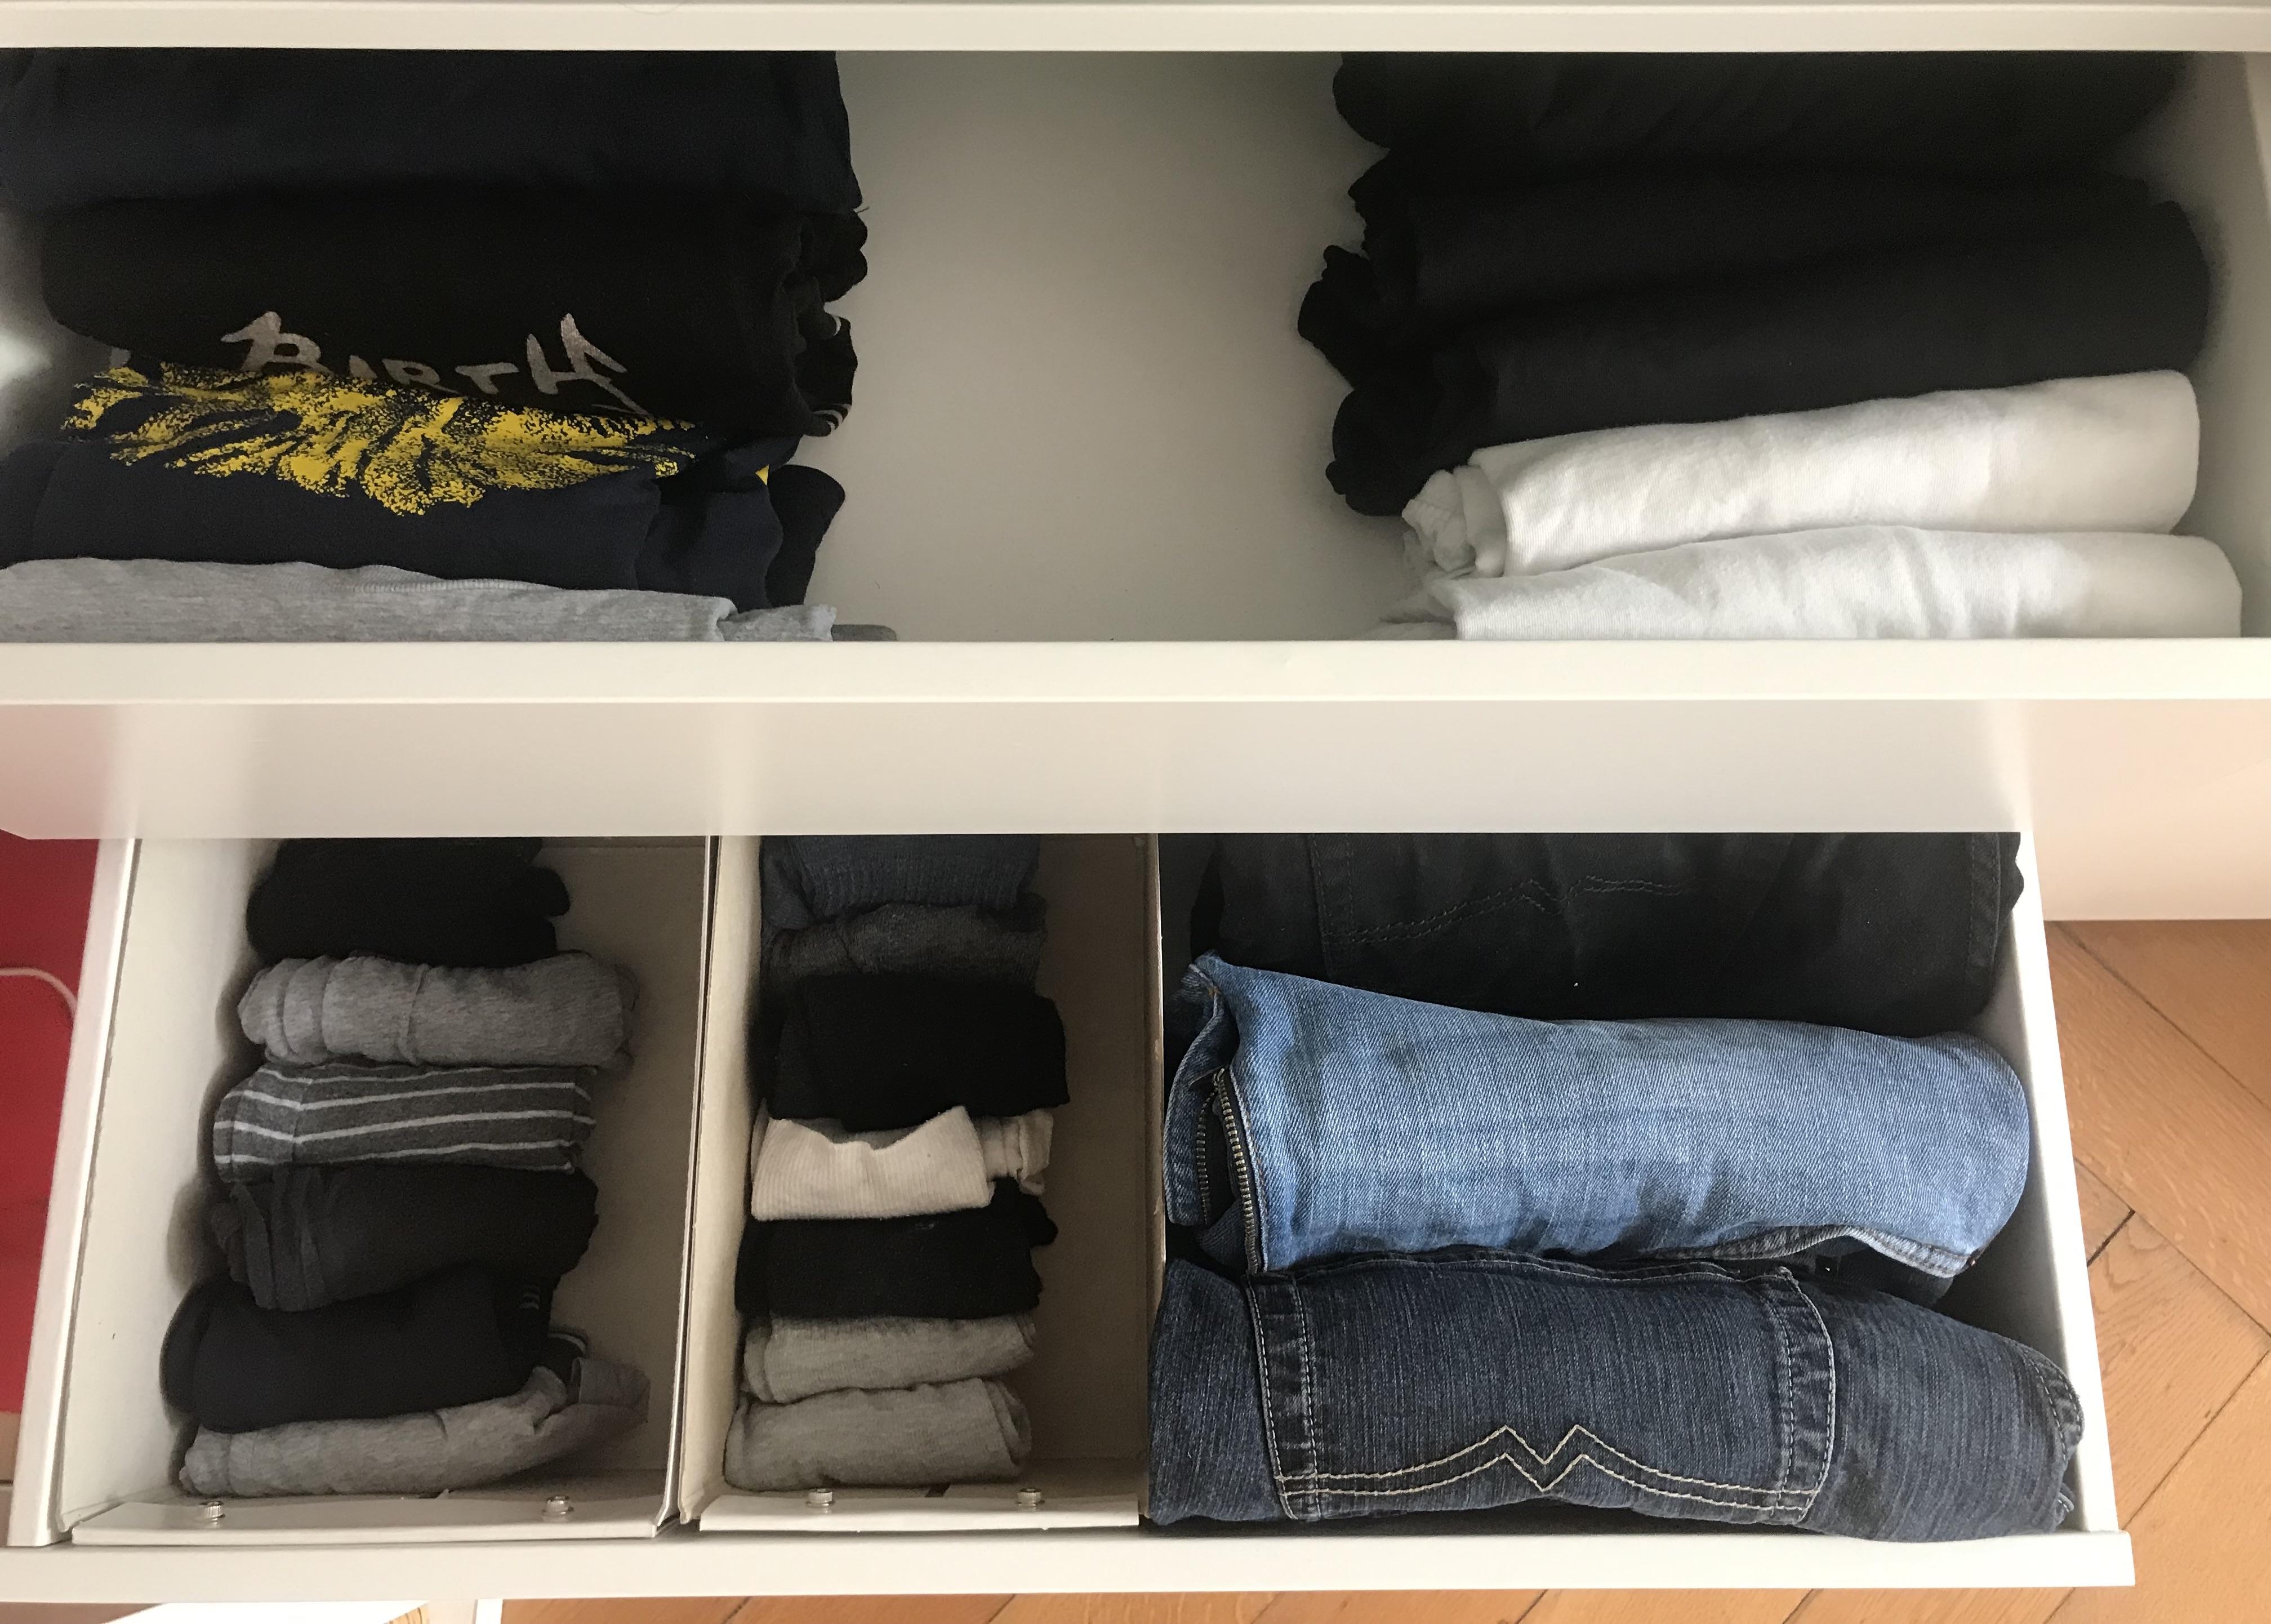 Bedruckte Bandshirts links, Einfarbige rechts. Ordnung musss ein. Socken und Unterbuxen passen ganz gut in so Schachteln von IKEA.